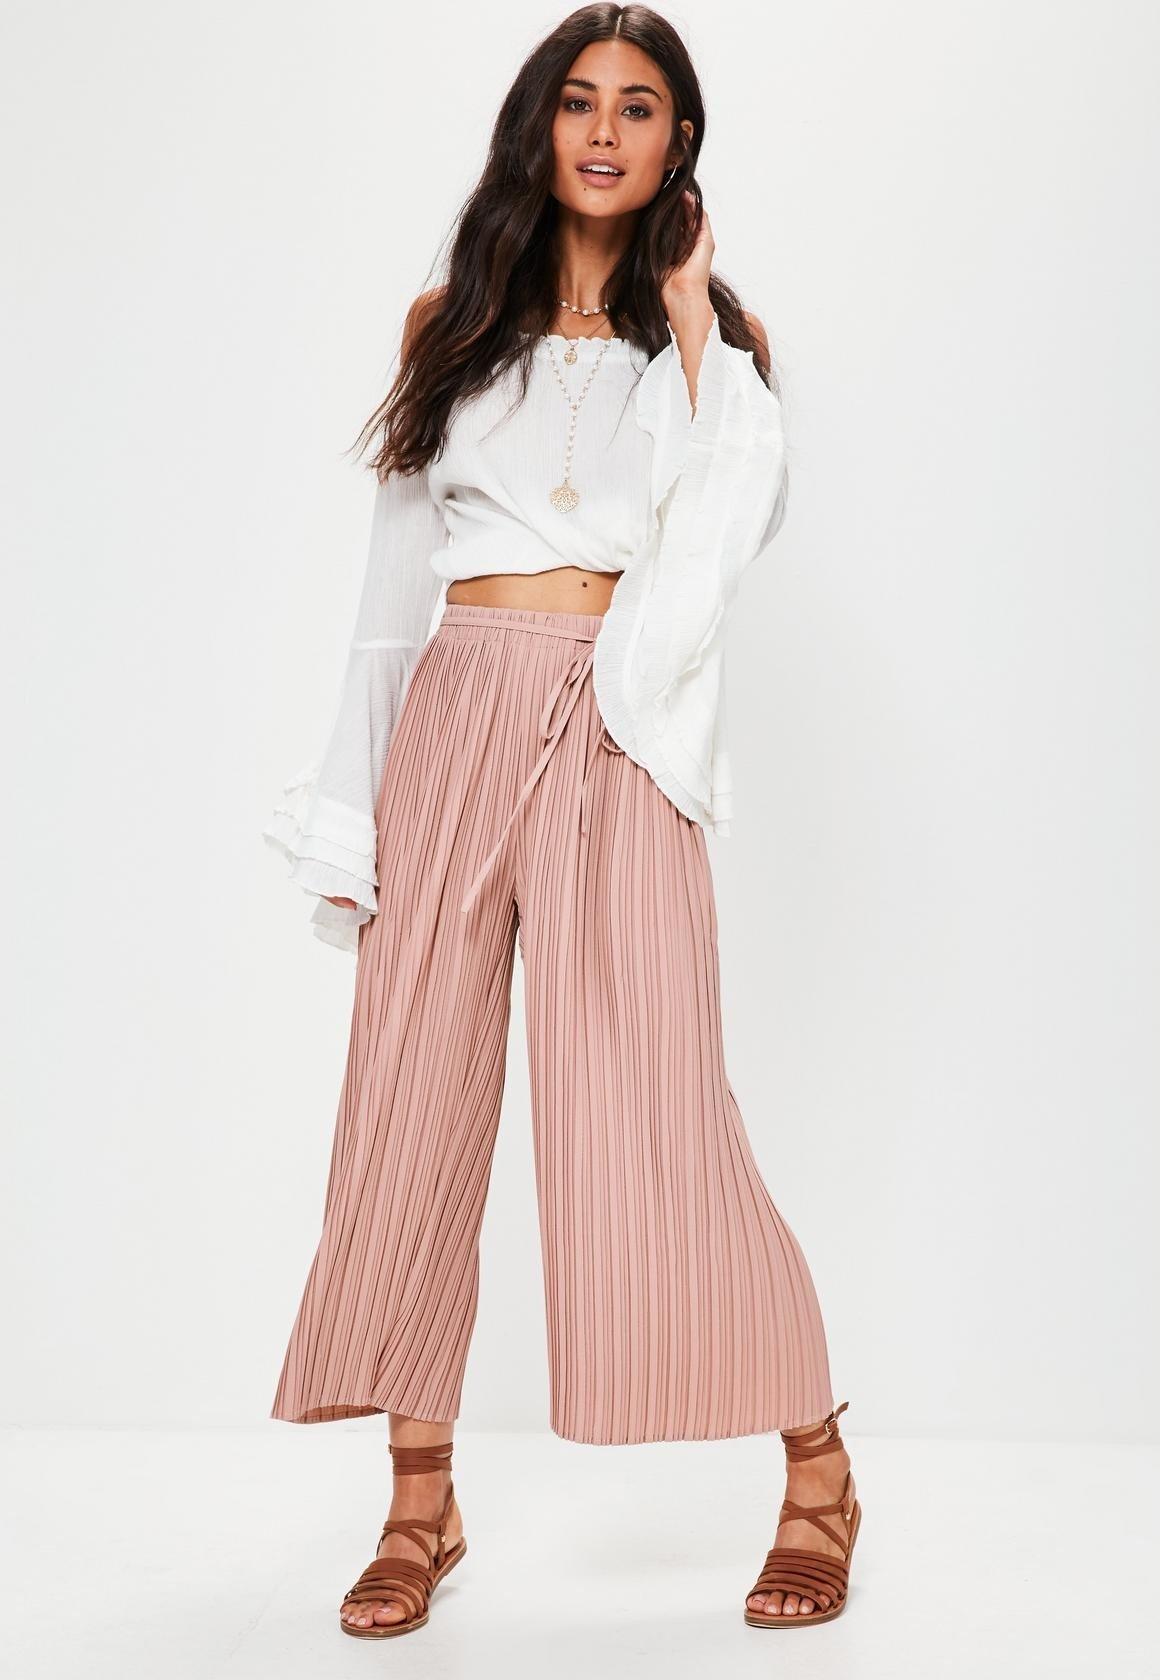 брюки-кюлоты розовые в полоску и белая блузка